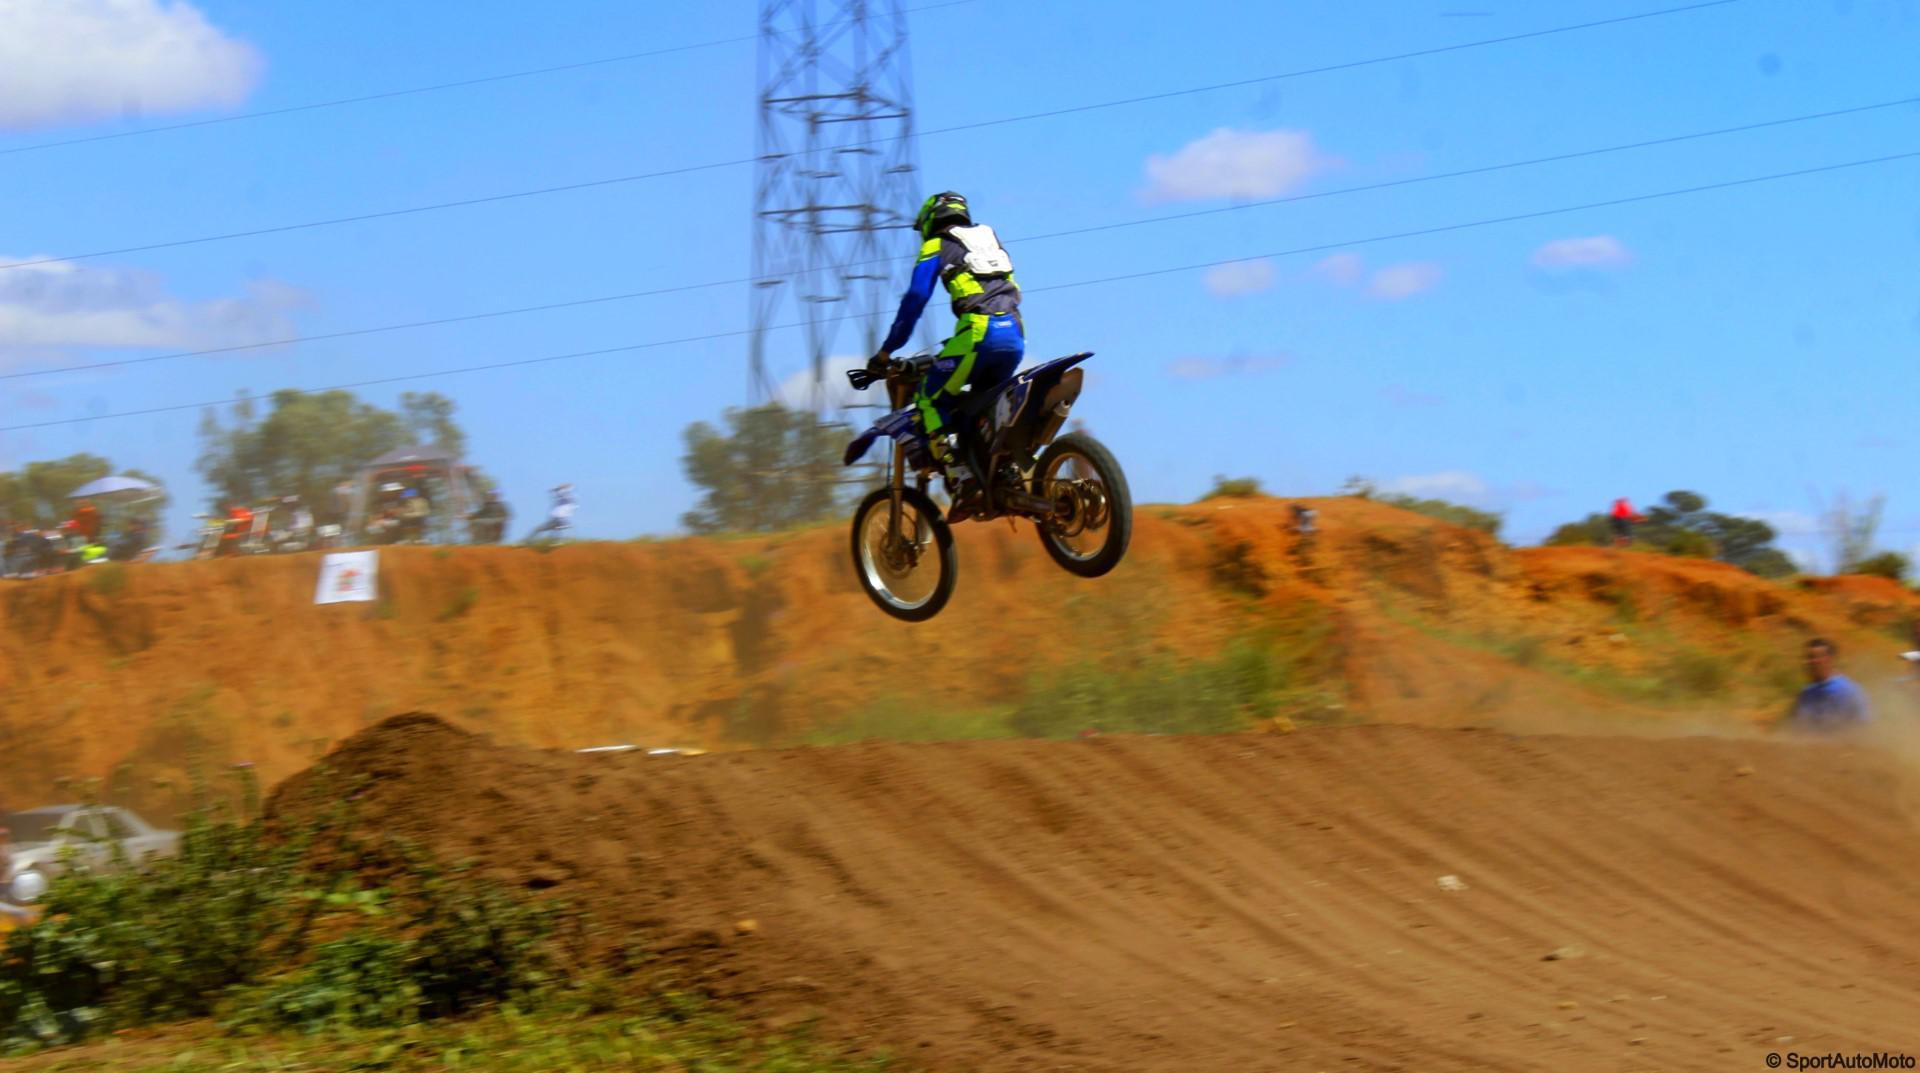 championnat-du-maroc-de-motocross-kenitra-774-18.jpg